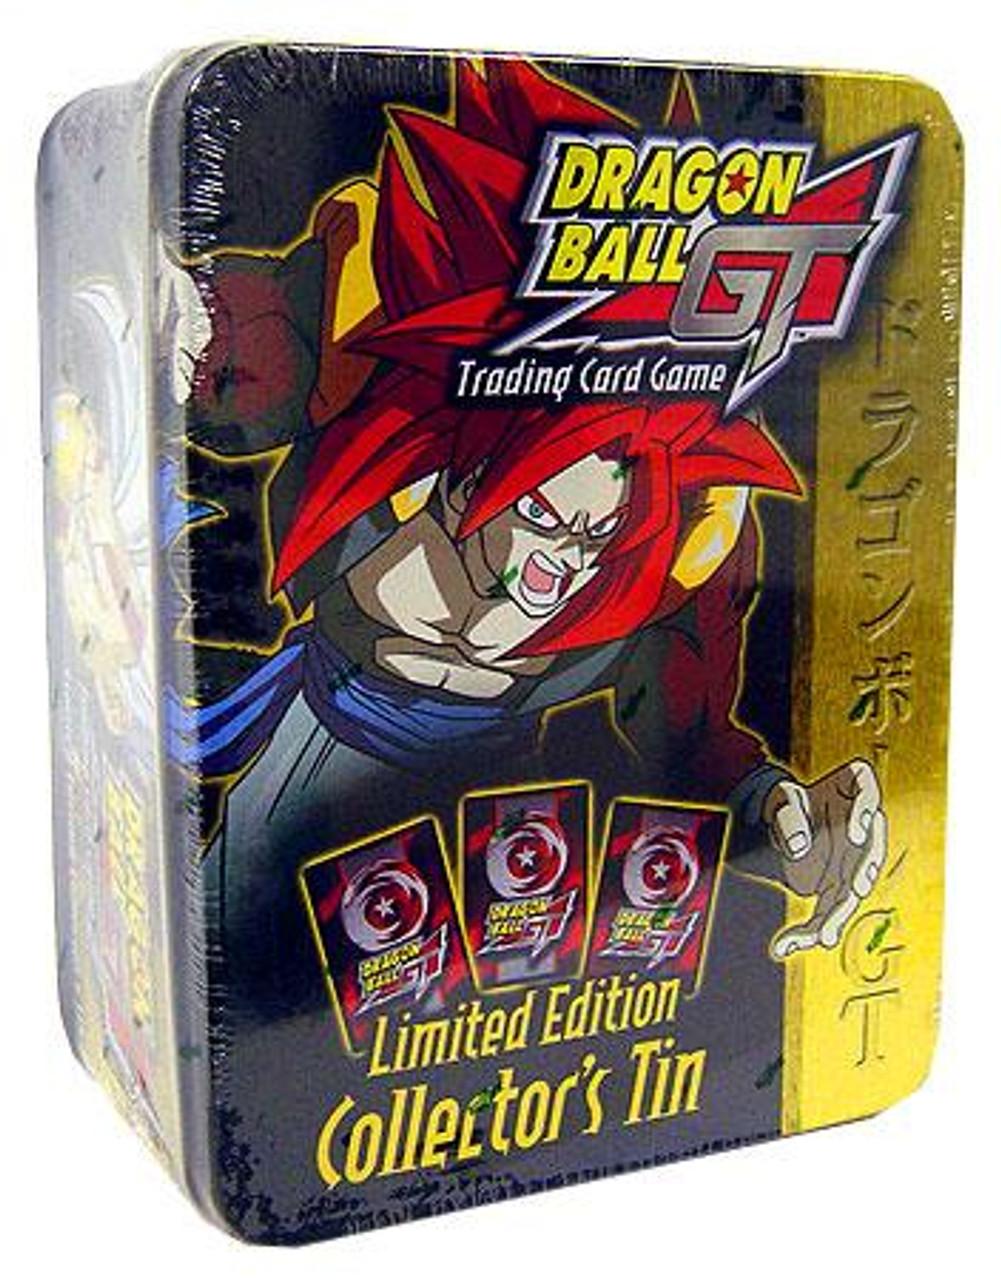 Dragon Ball GT Trading Card Game Vegito Collector's Tin